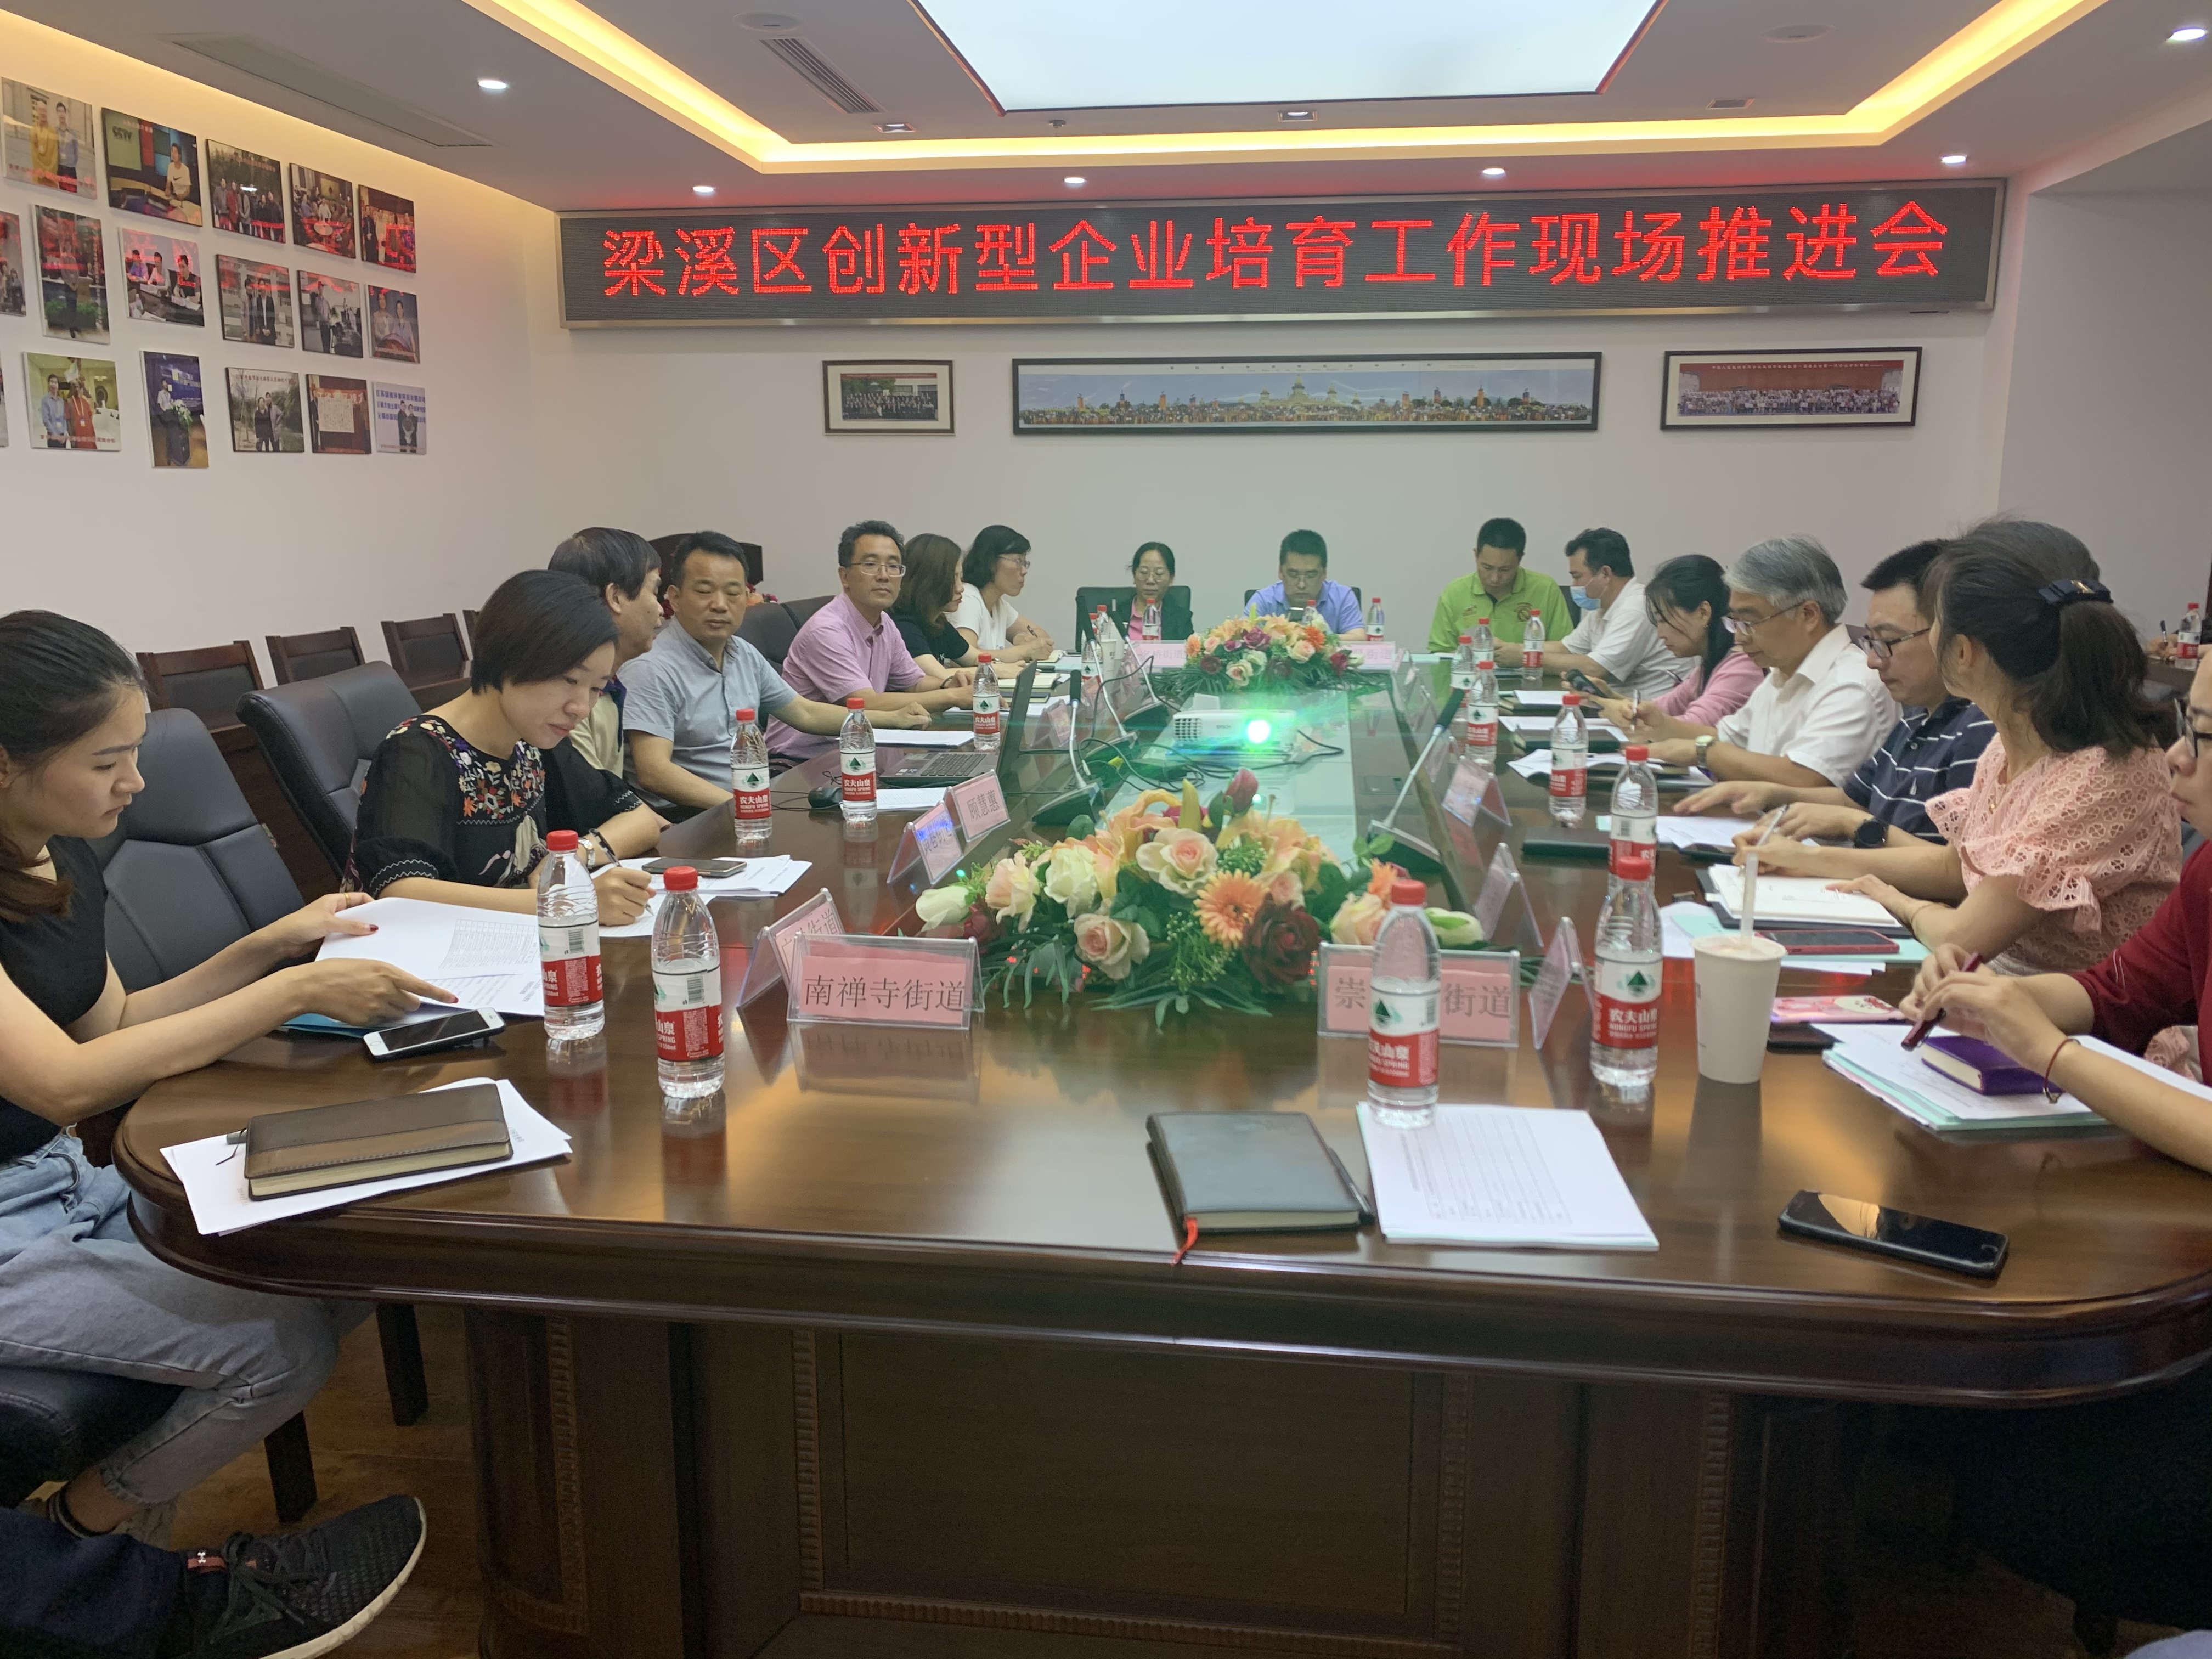 无锡市梁溪区副区长李振云一行领导莅临国鹰环境指导高新企业工作